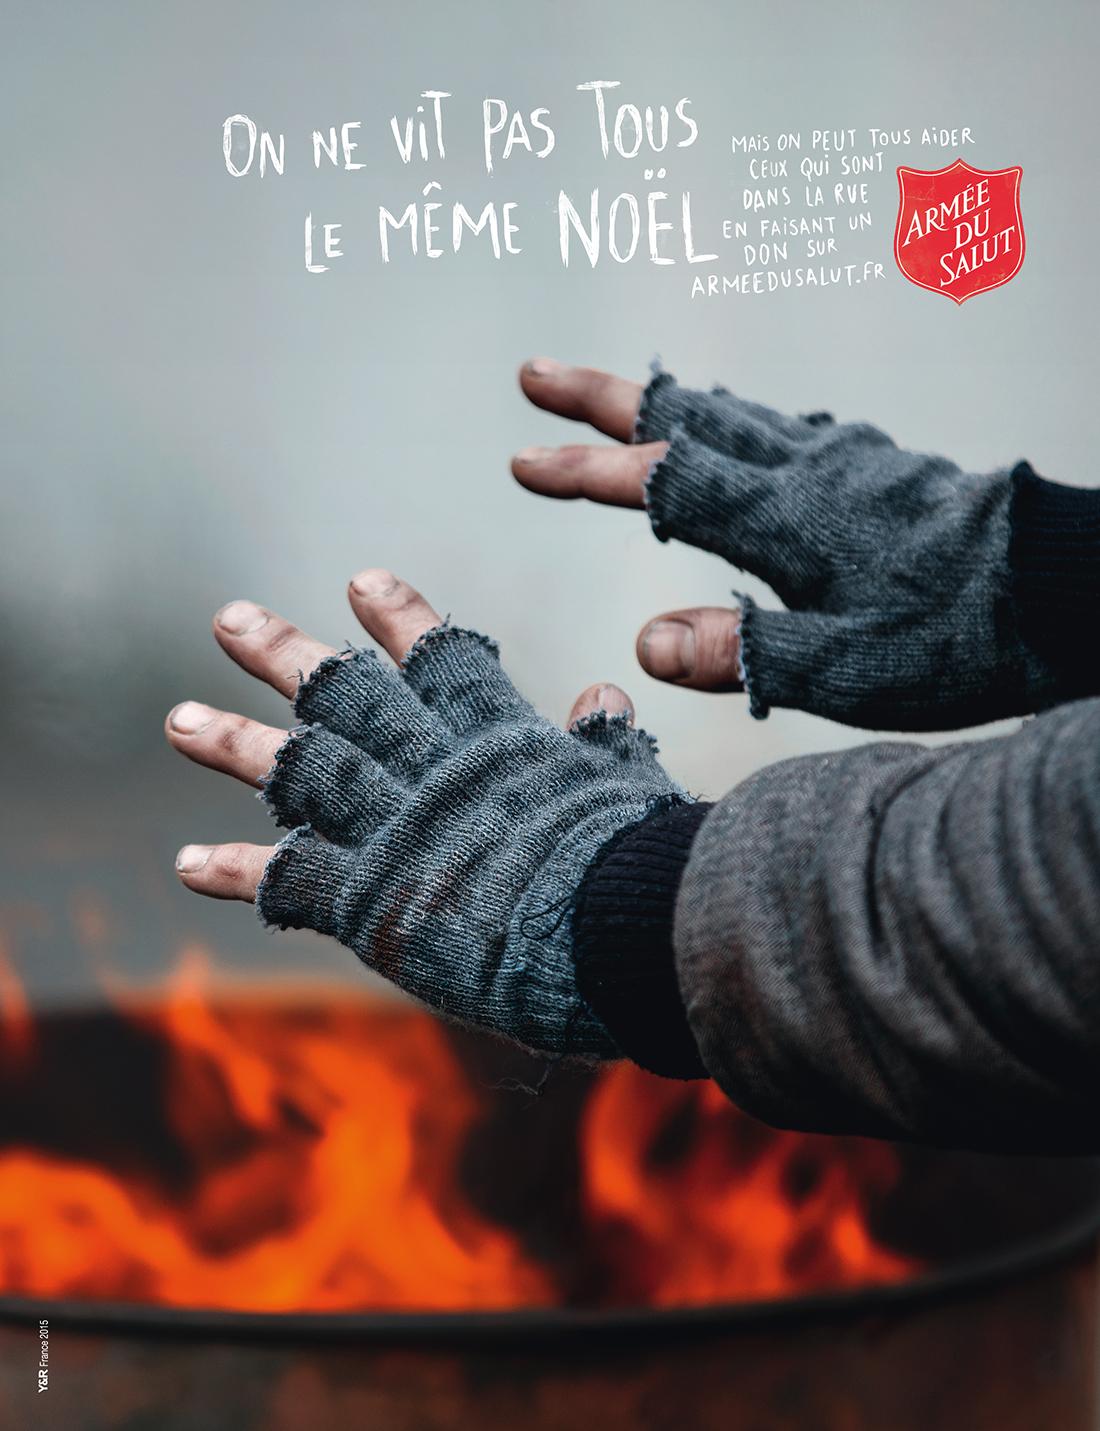 armee-du-salut-hiver-2015-noel-sans-abris-froid-chaussettes-cartons-feu-yr-paris-3